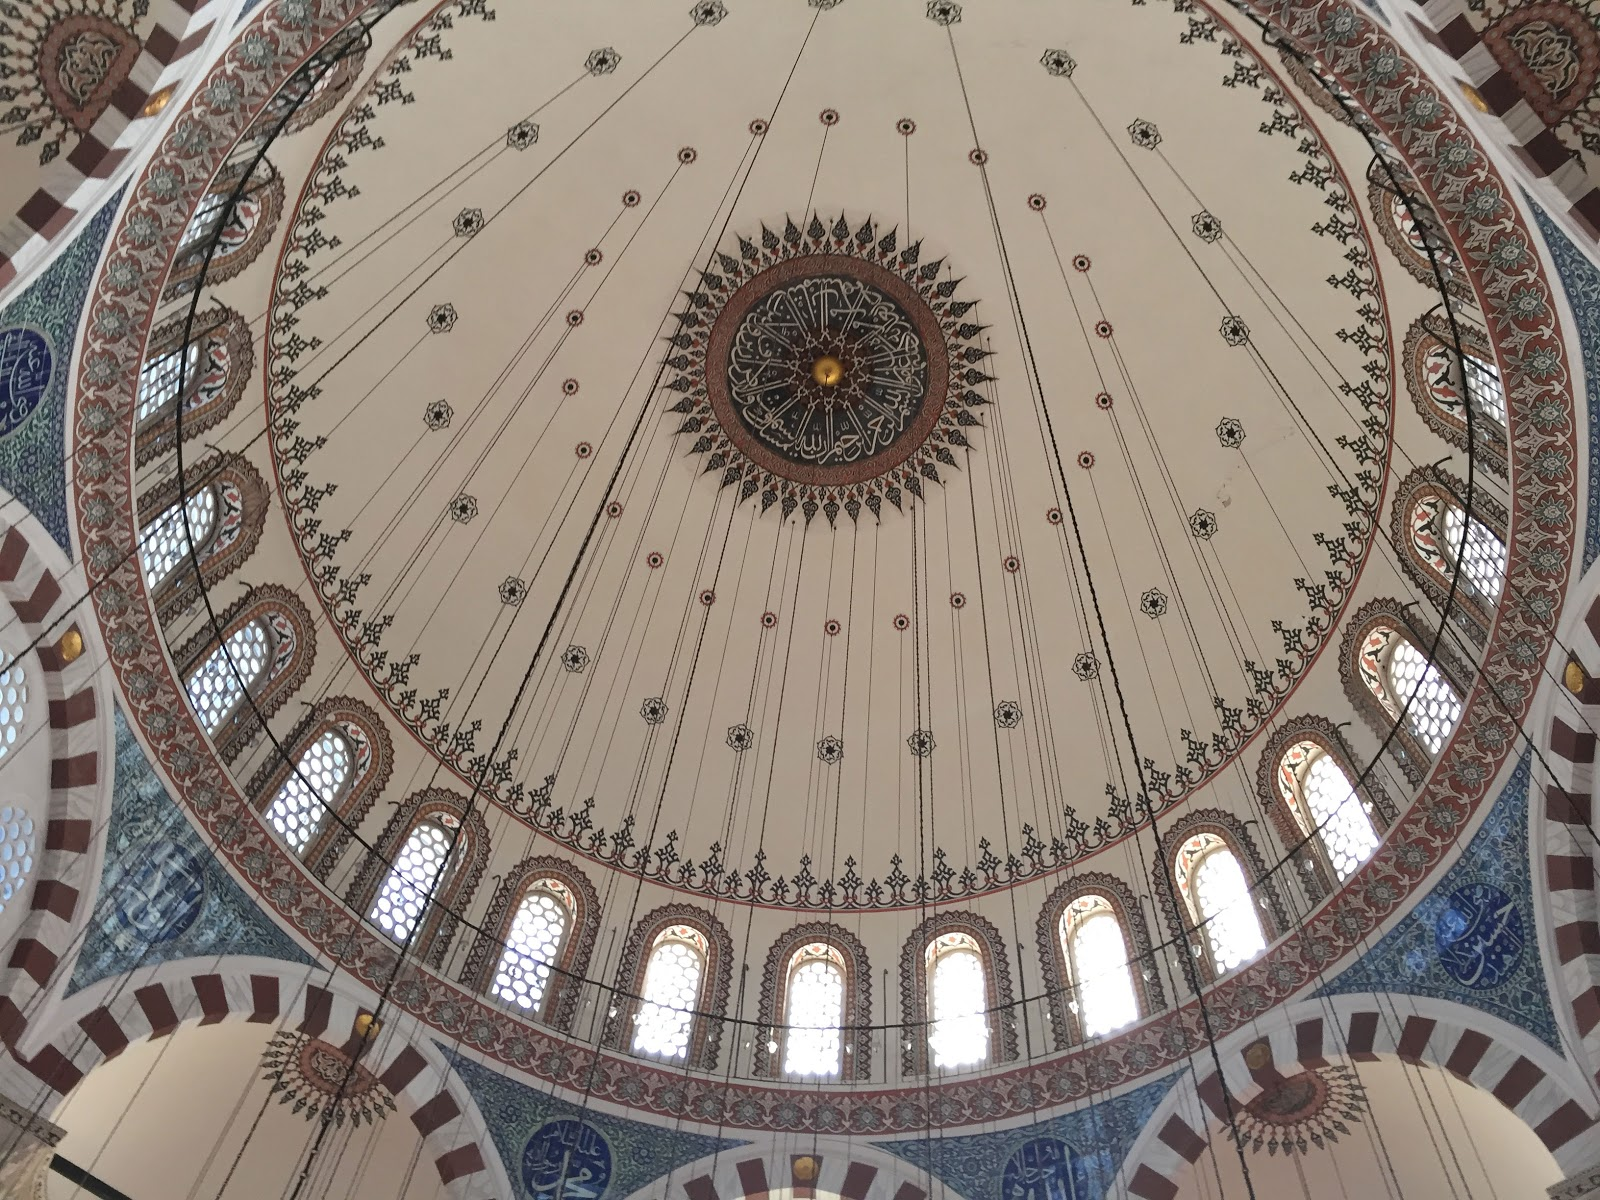 Cupola of Rustem Pasha Mosque in Istanbul